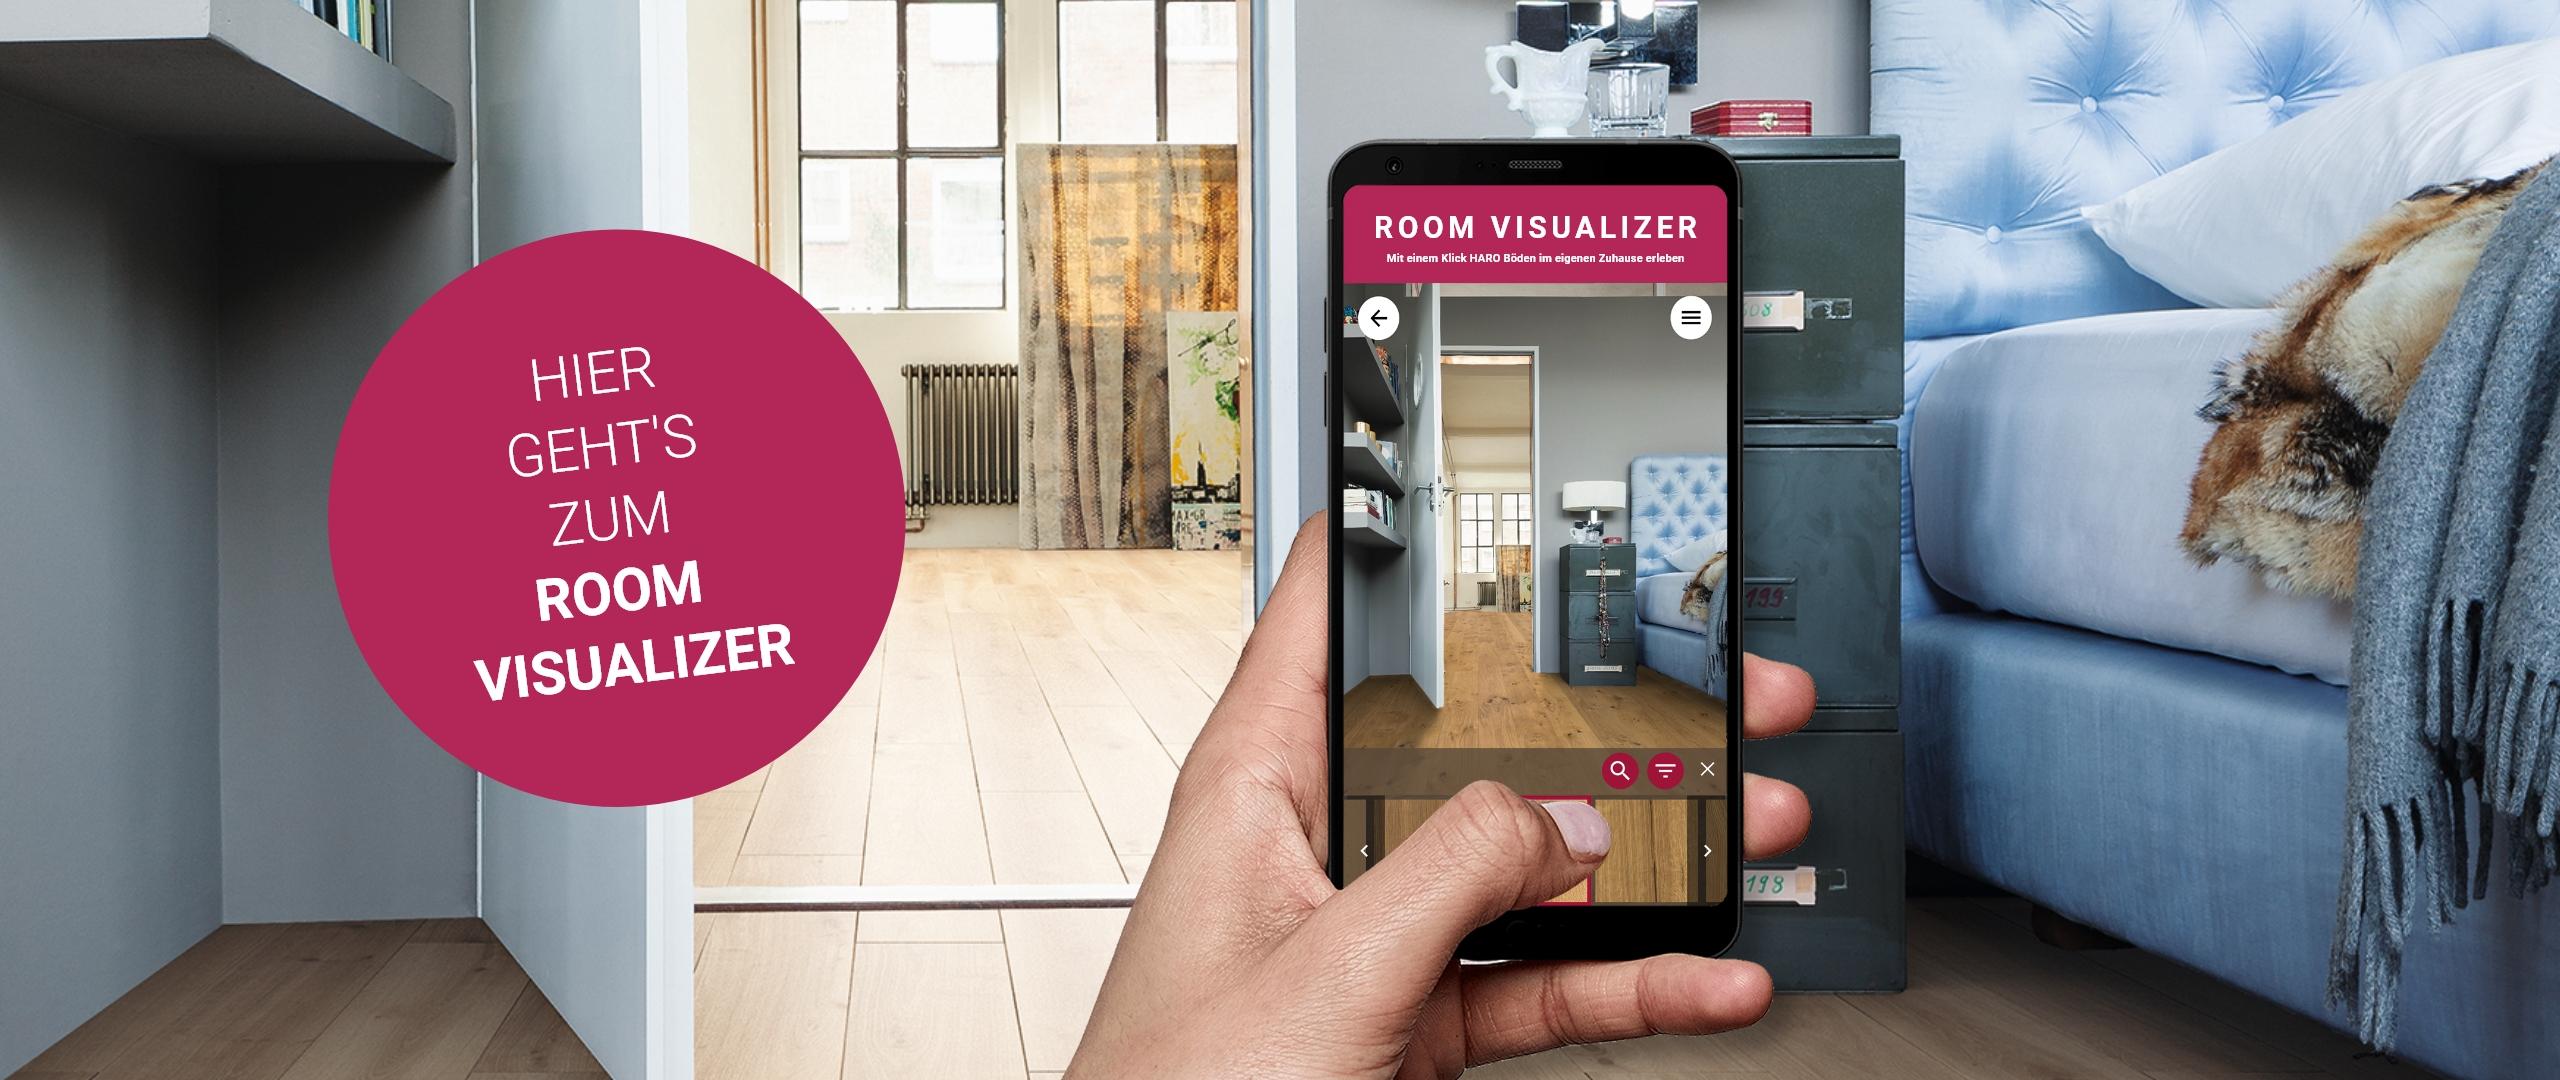 Knipsen Sie mit dem Smartphone oder Tablet ganz einfach ein Foto Ihres Raumes und laden Sie es hoch.